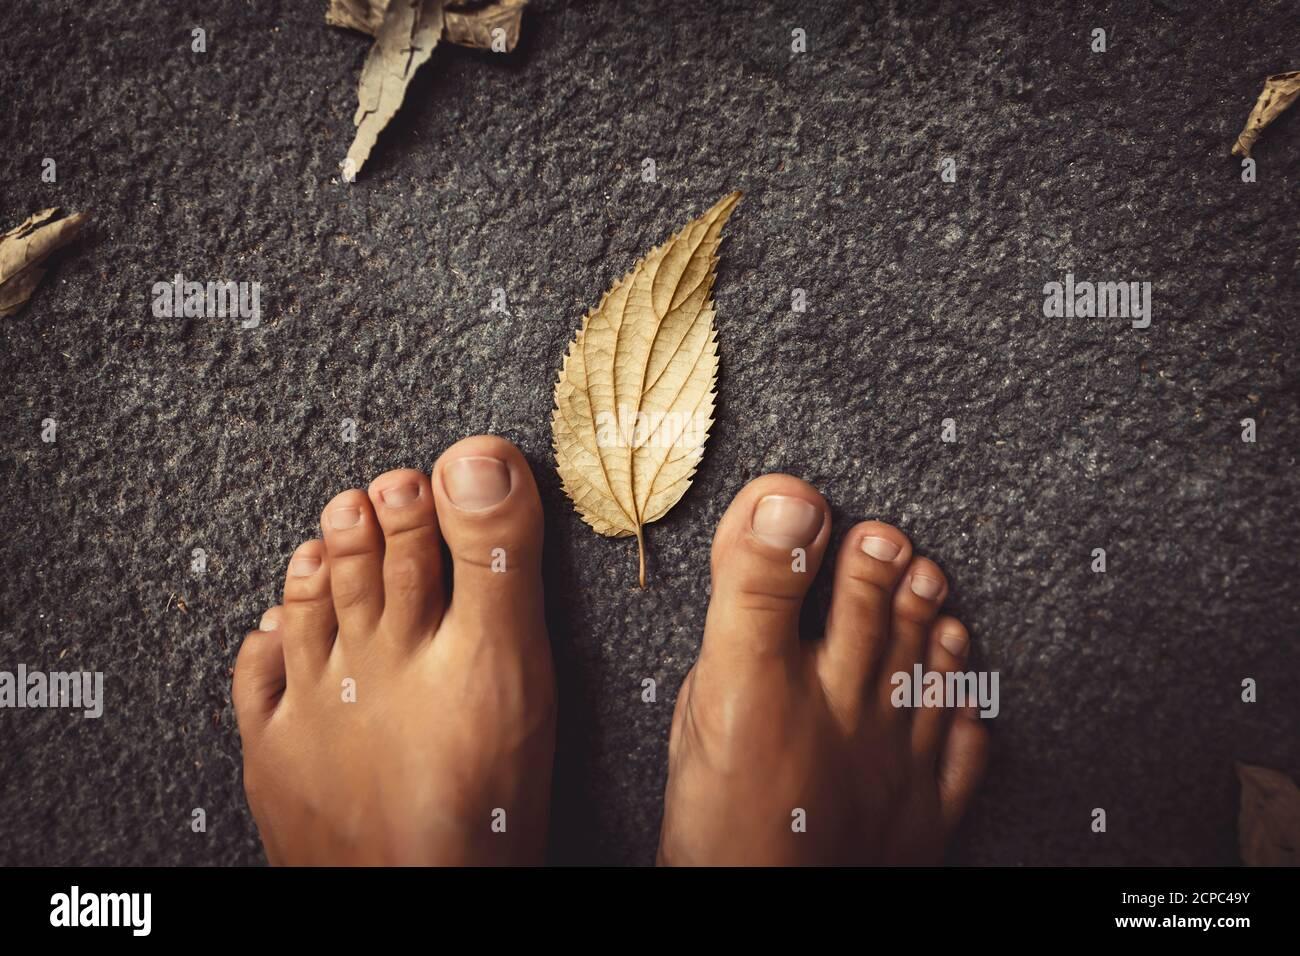 Bienvenue dans le contexte de l'automne. Gros plan concept photo d'un Barefoot femmes pieds et feuilles sèches. Thème de la saison d'automne. Banque D'Images